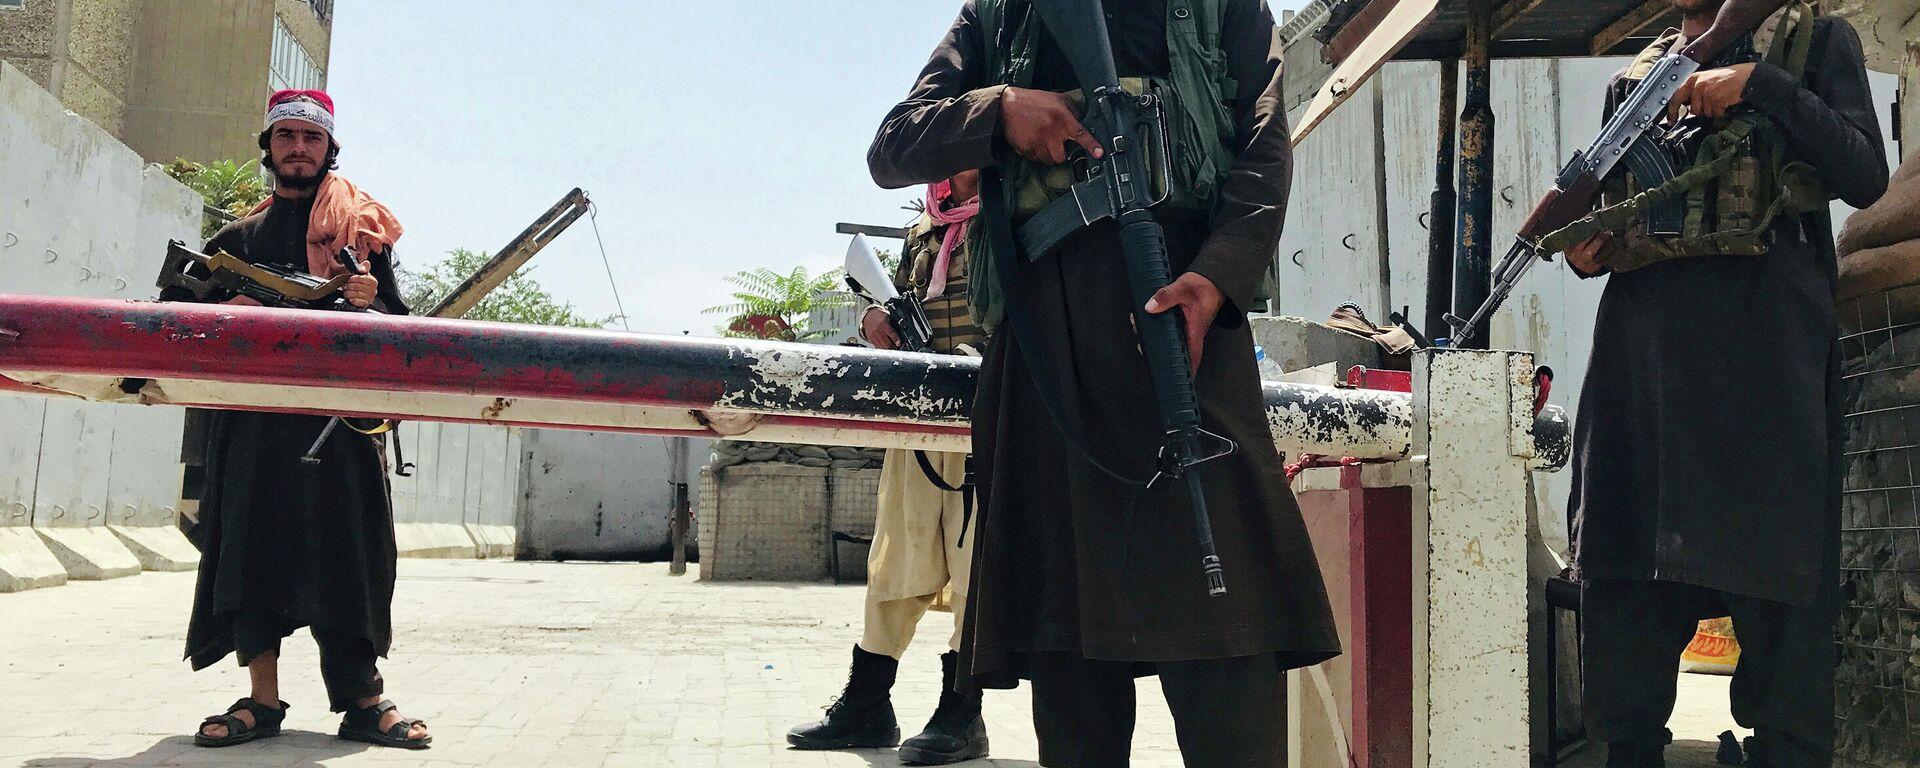 Afganistan'da Taliban dönemi | Örgütün basın sorumlusu: Yönetim boşluğunun doldurulacağını umuyorum - Sputnik Türkiye, 1920, 31.08.2021